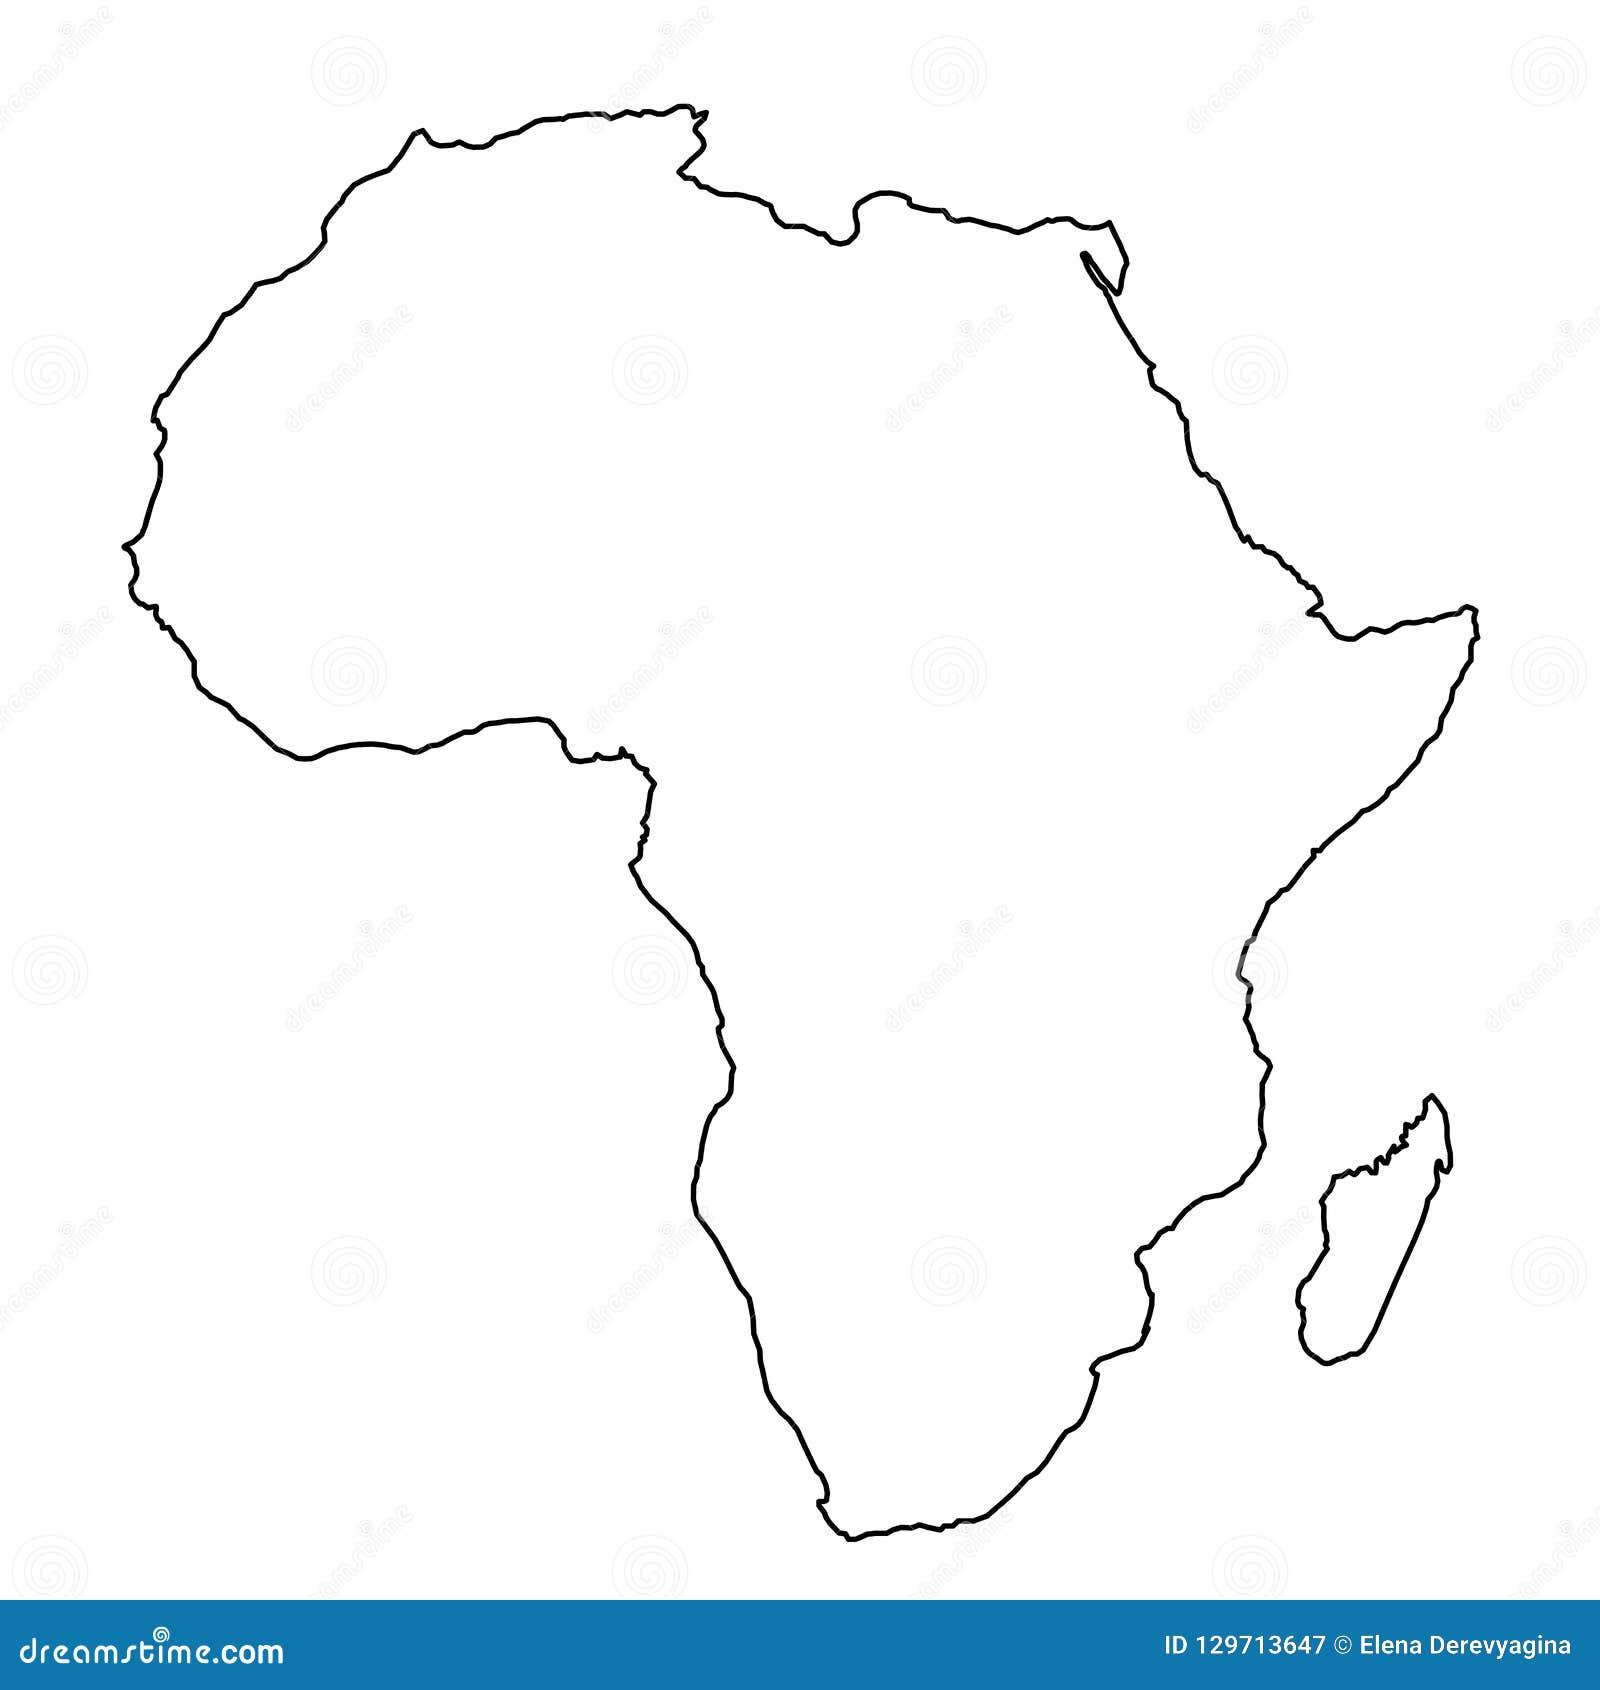 Cartina Dell Africa In Bianco E Nero.Mappa Dell Africa Dalle Linee Nere Delle Curve Di Contorno Su Fondo Bianco Illustrazione Di Stock Illustrazione Di Sfondo Atlante 129713647